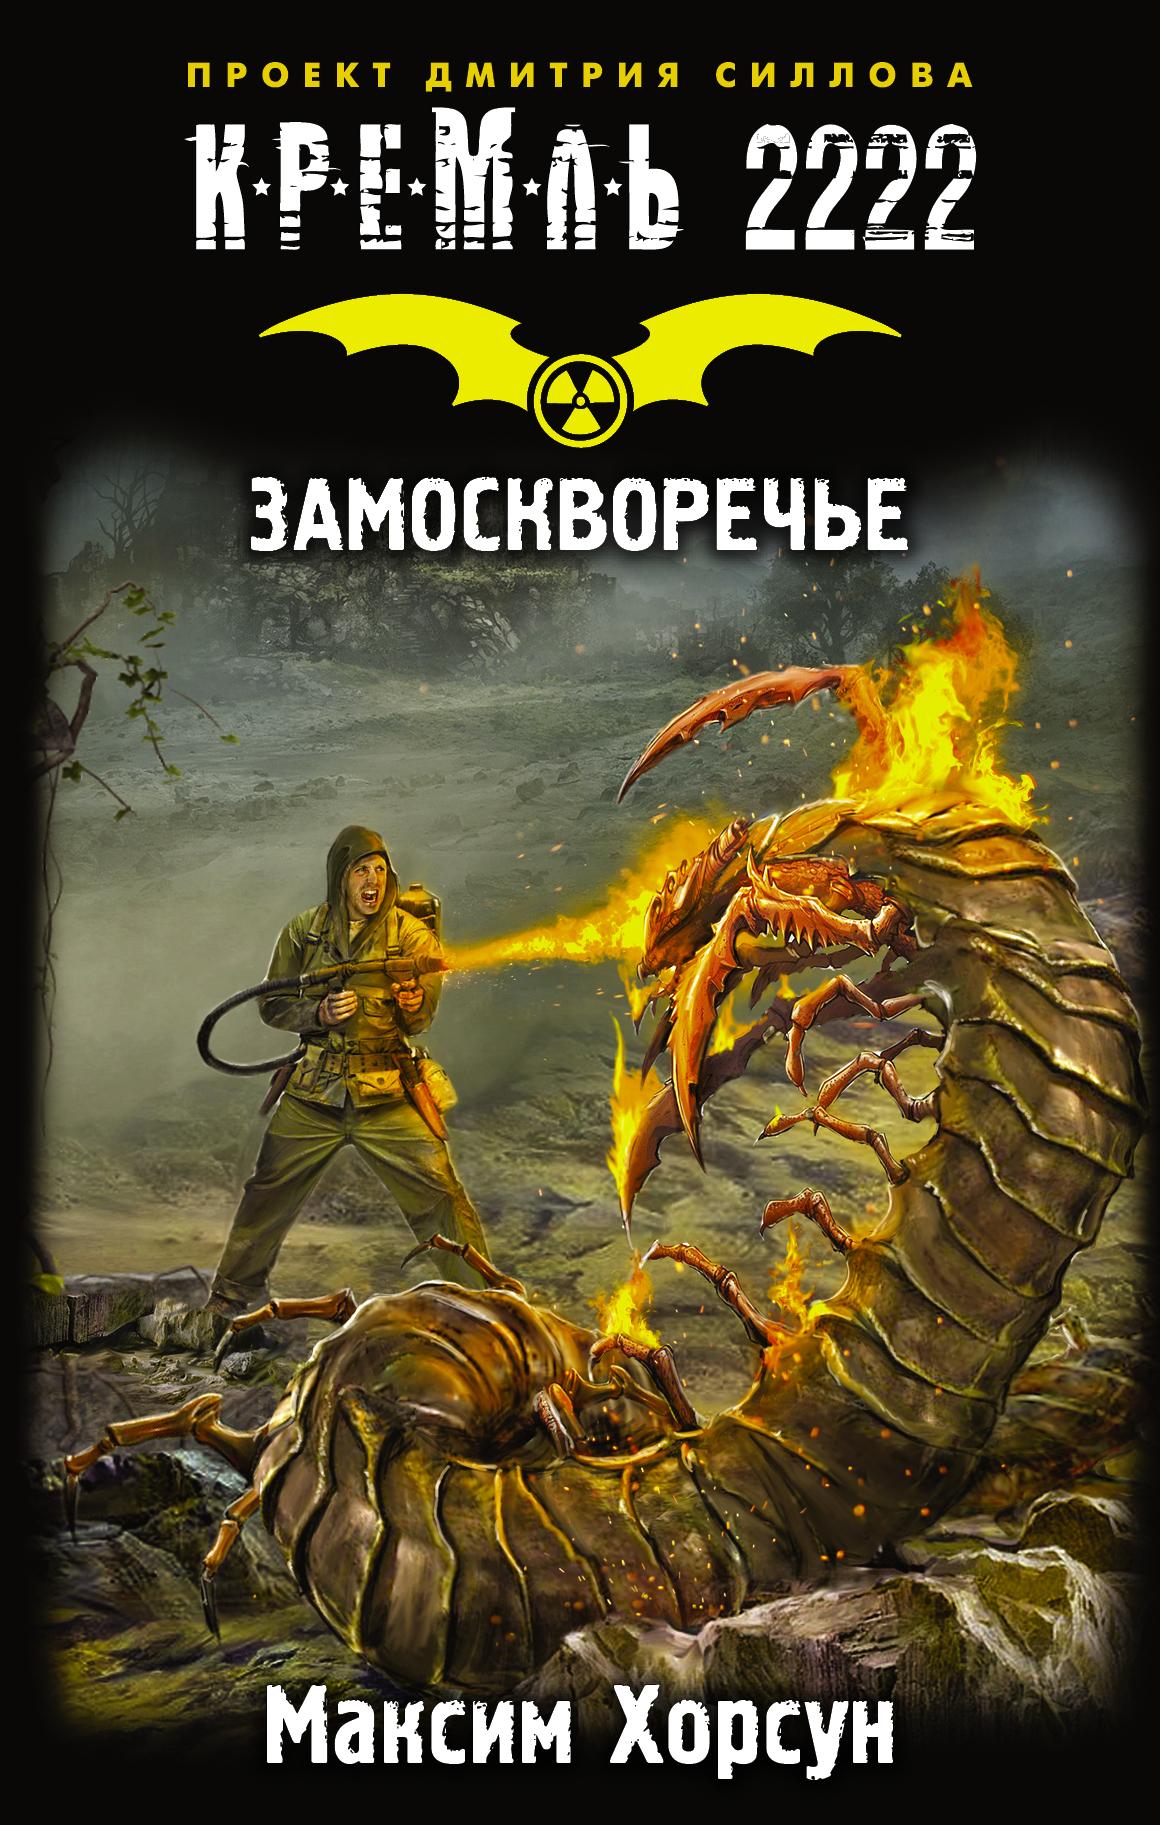 Хорсун М.Д. Кремль 2222. Замоскворечье хорсун м кремль 2222 замоскворечье